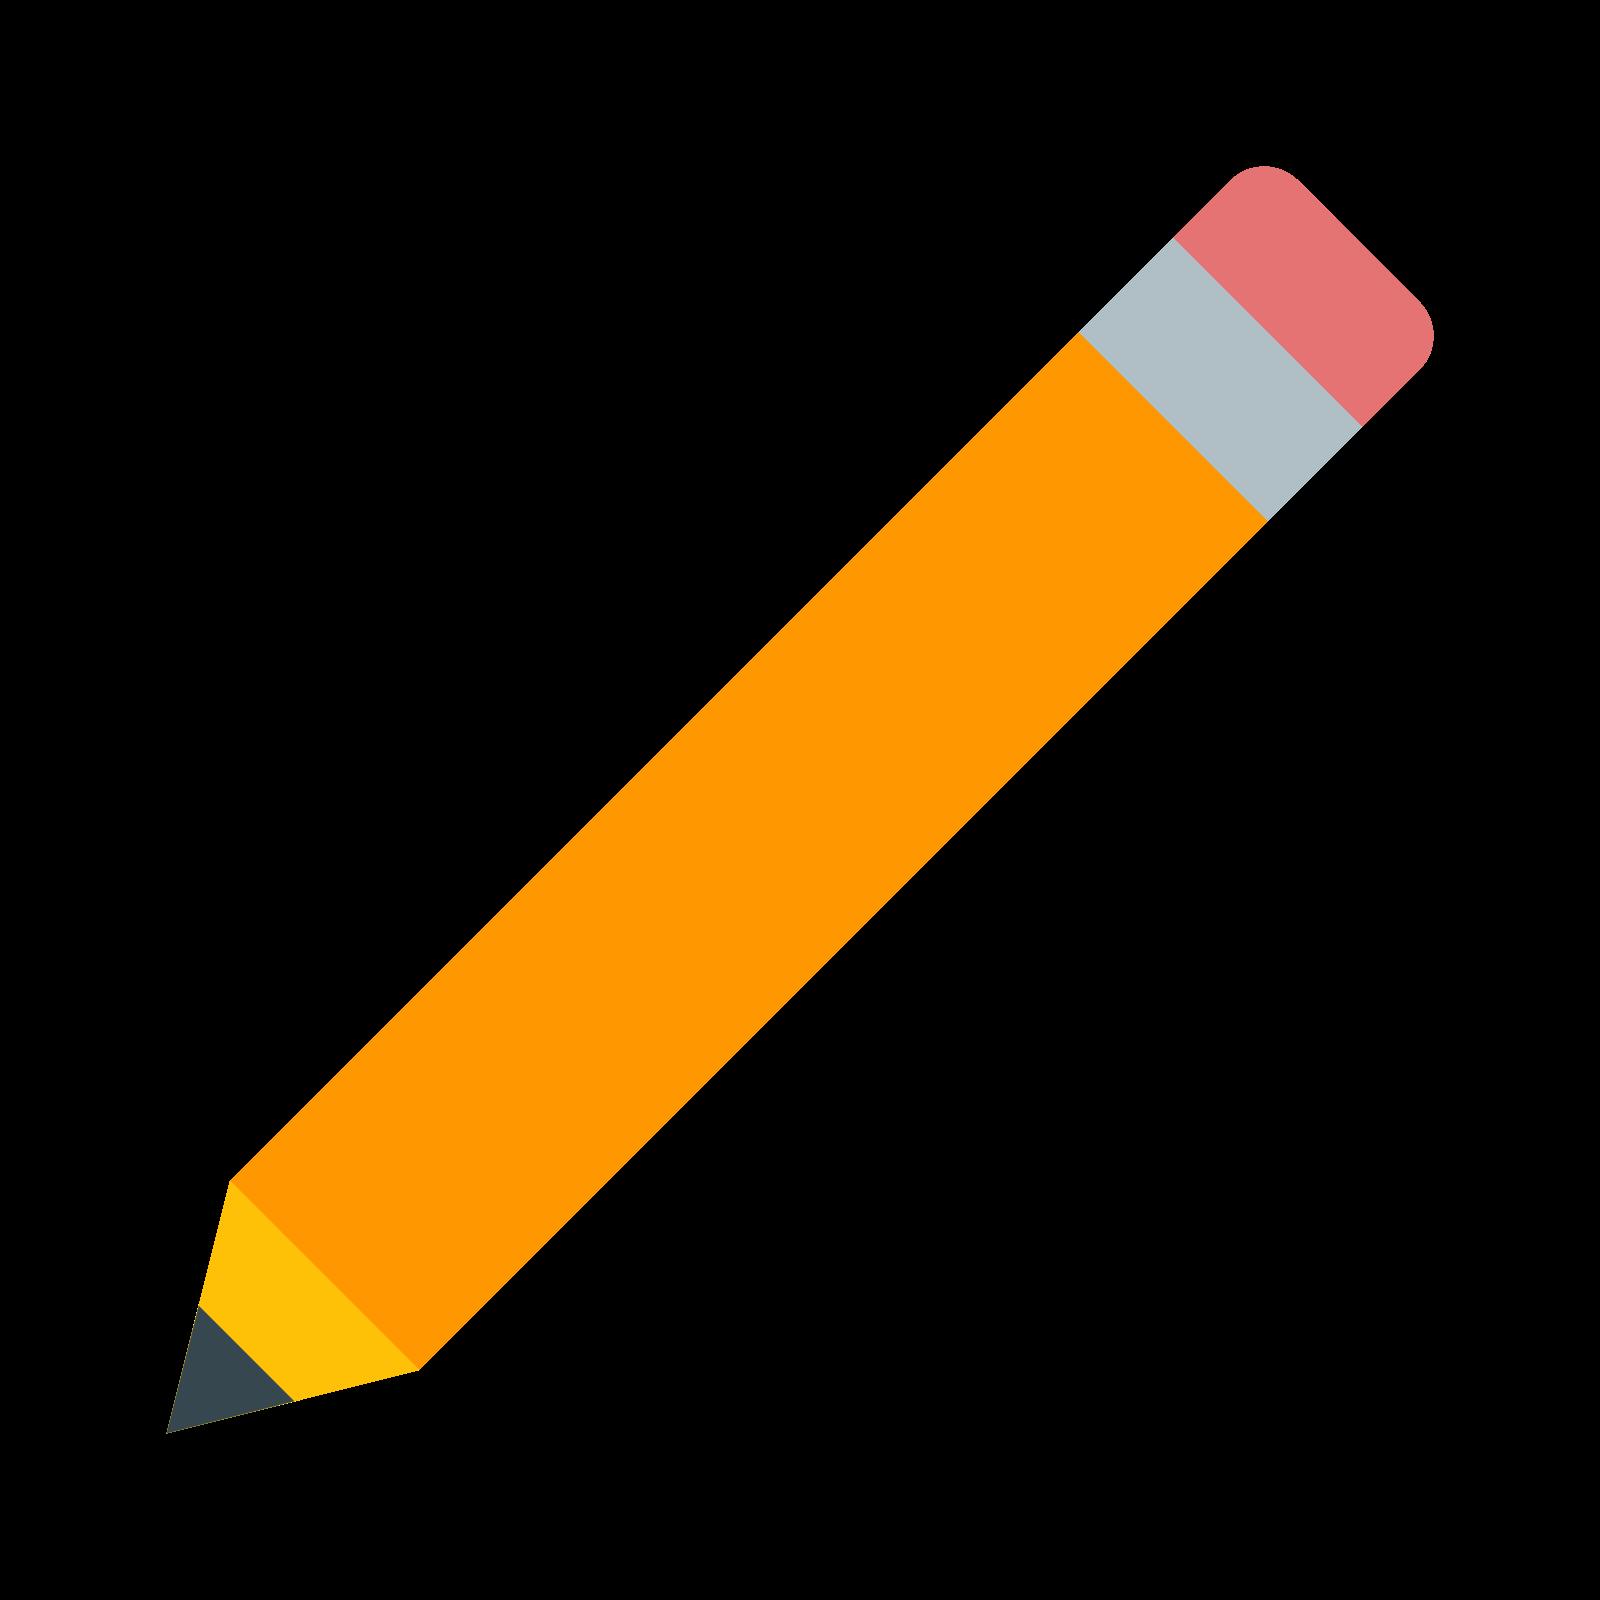 編集 icon. Edit allows for you to redo things that are already done. It takes the form of a pencil with an eraser to help you change past mistakes.